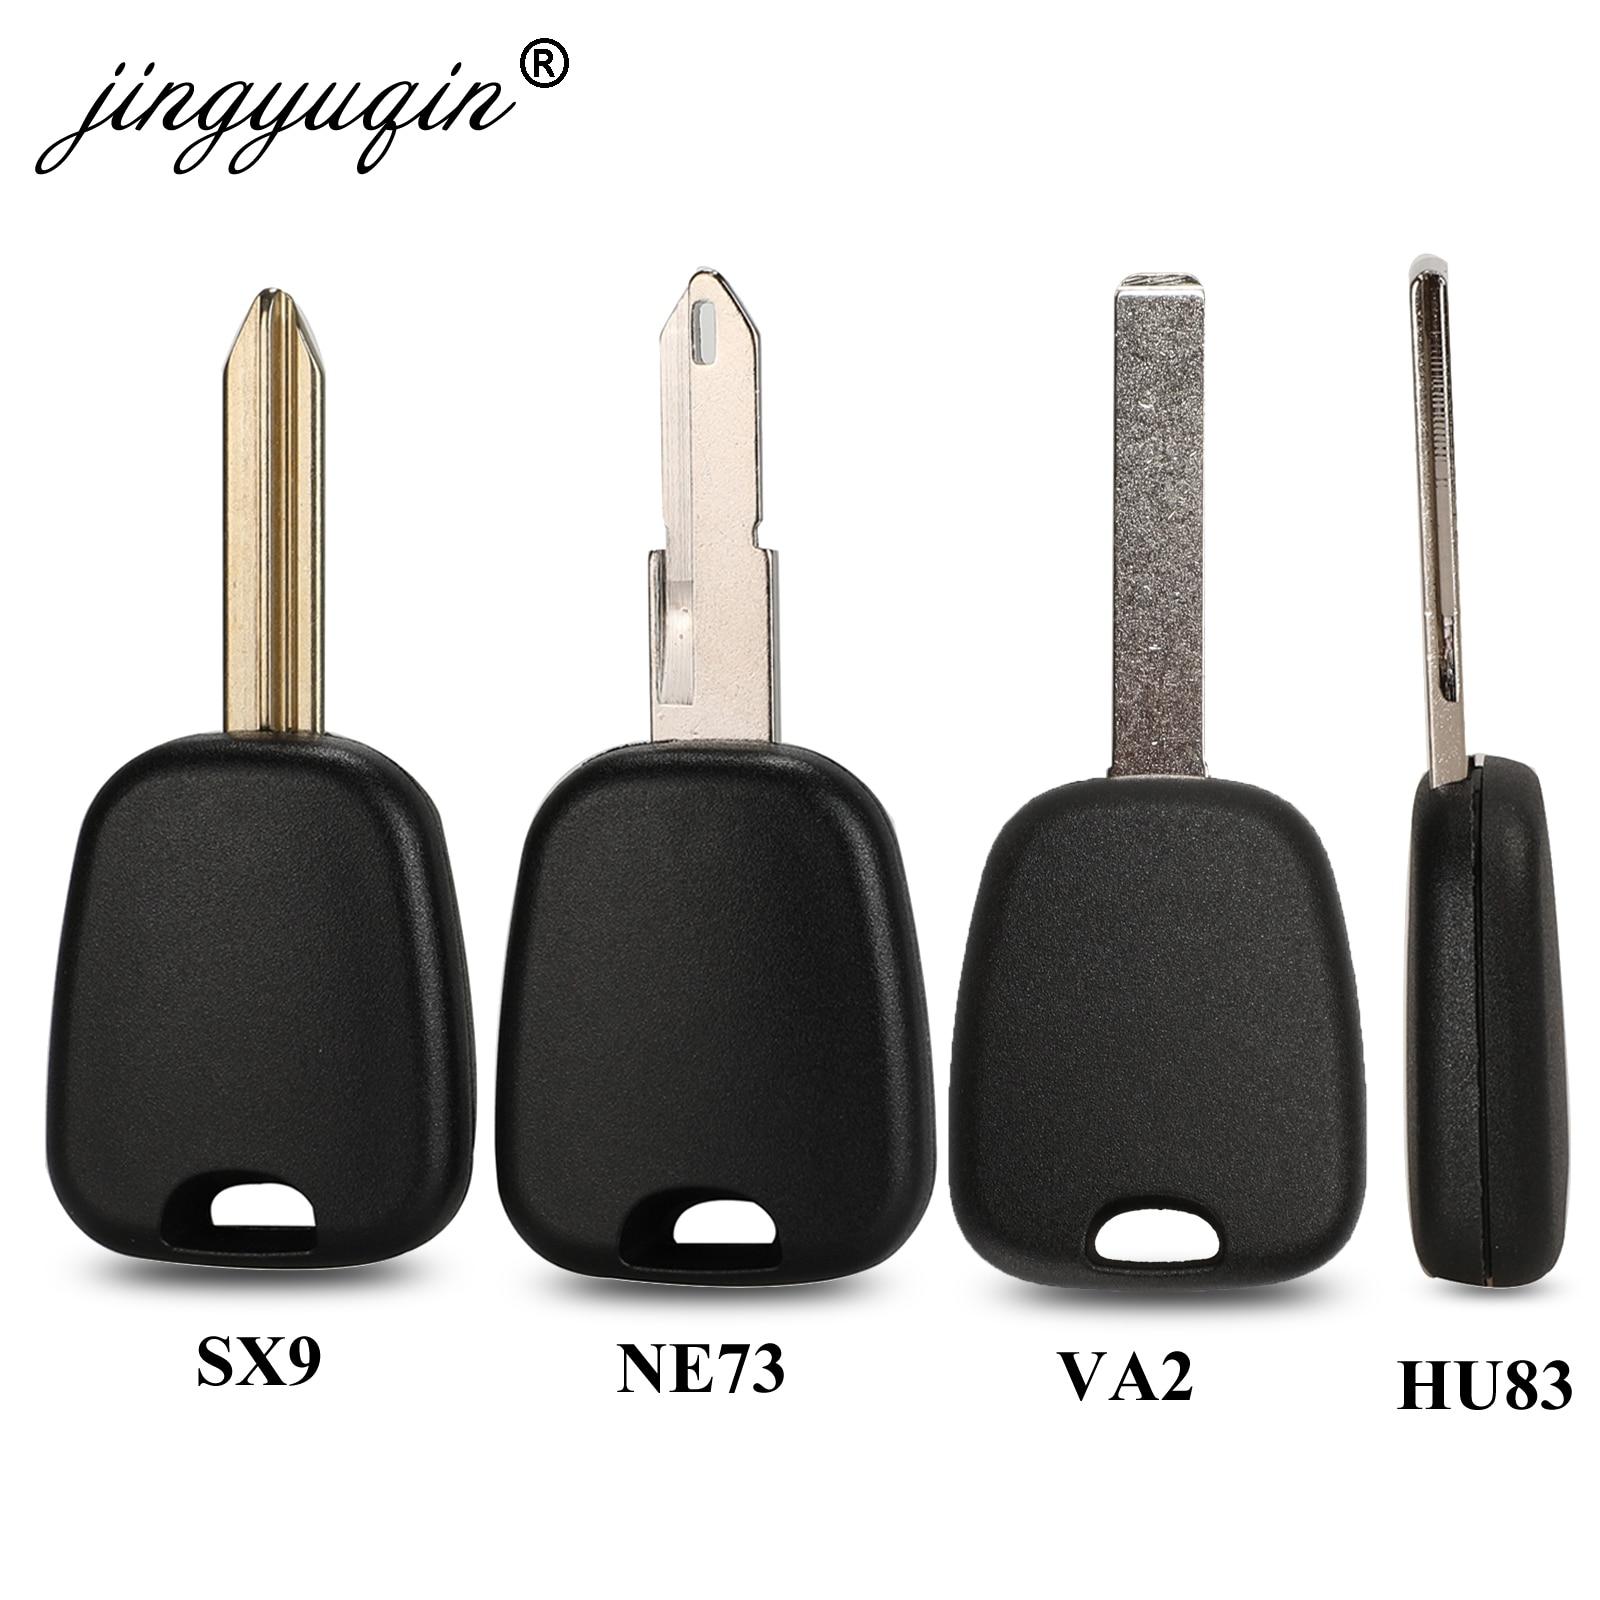 Jingyuqin 10X транспондер автомобильный корпус ключа для Peugeot 106 107 307 207 306 406 для Citroen C2 C3 C4 SX9 NE73 VA2 HCA NE78 Fob чехол